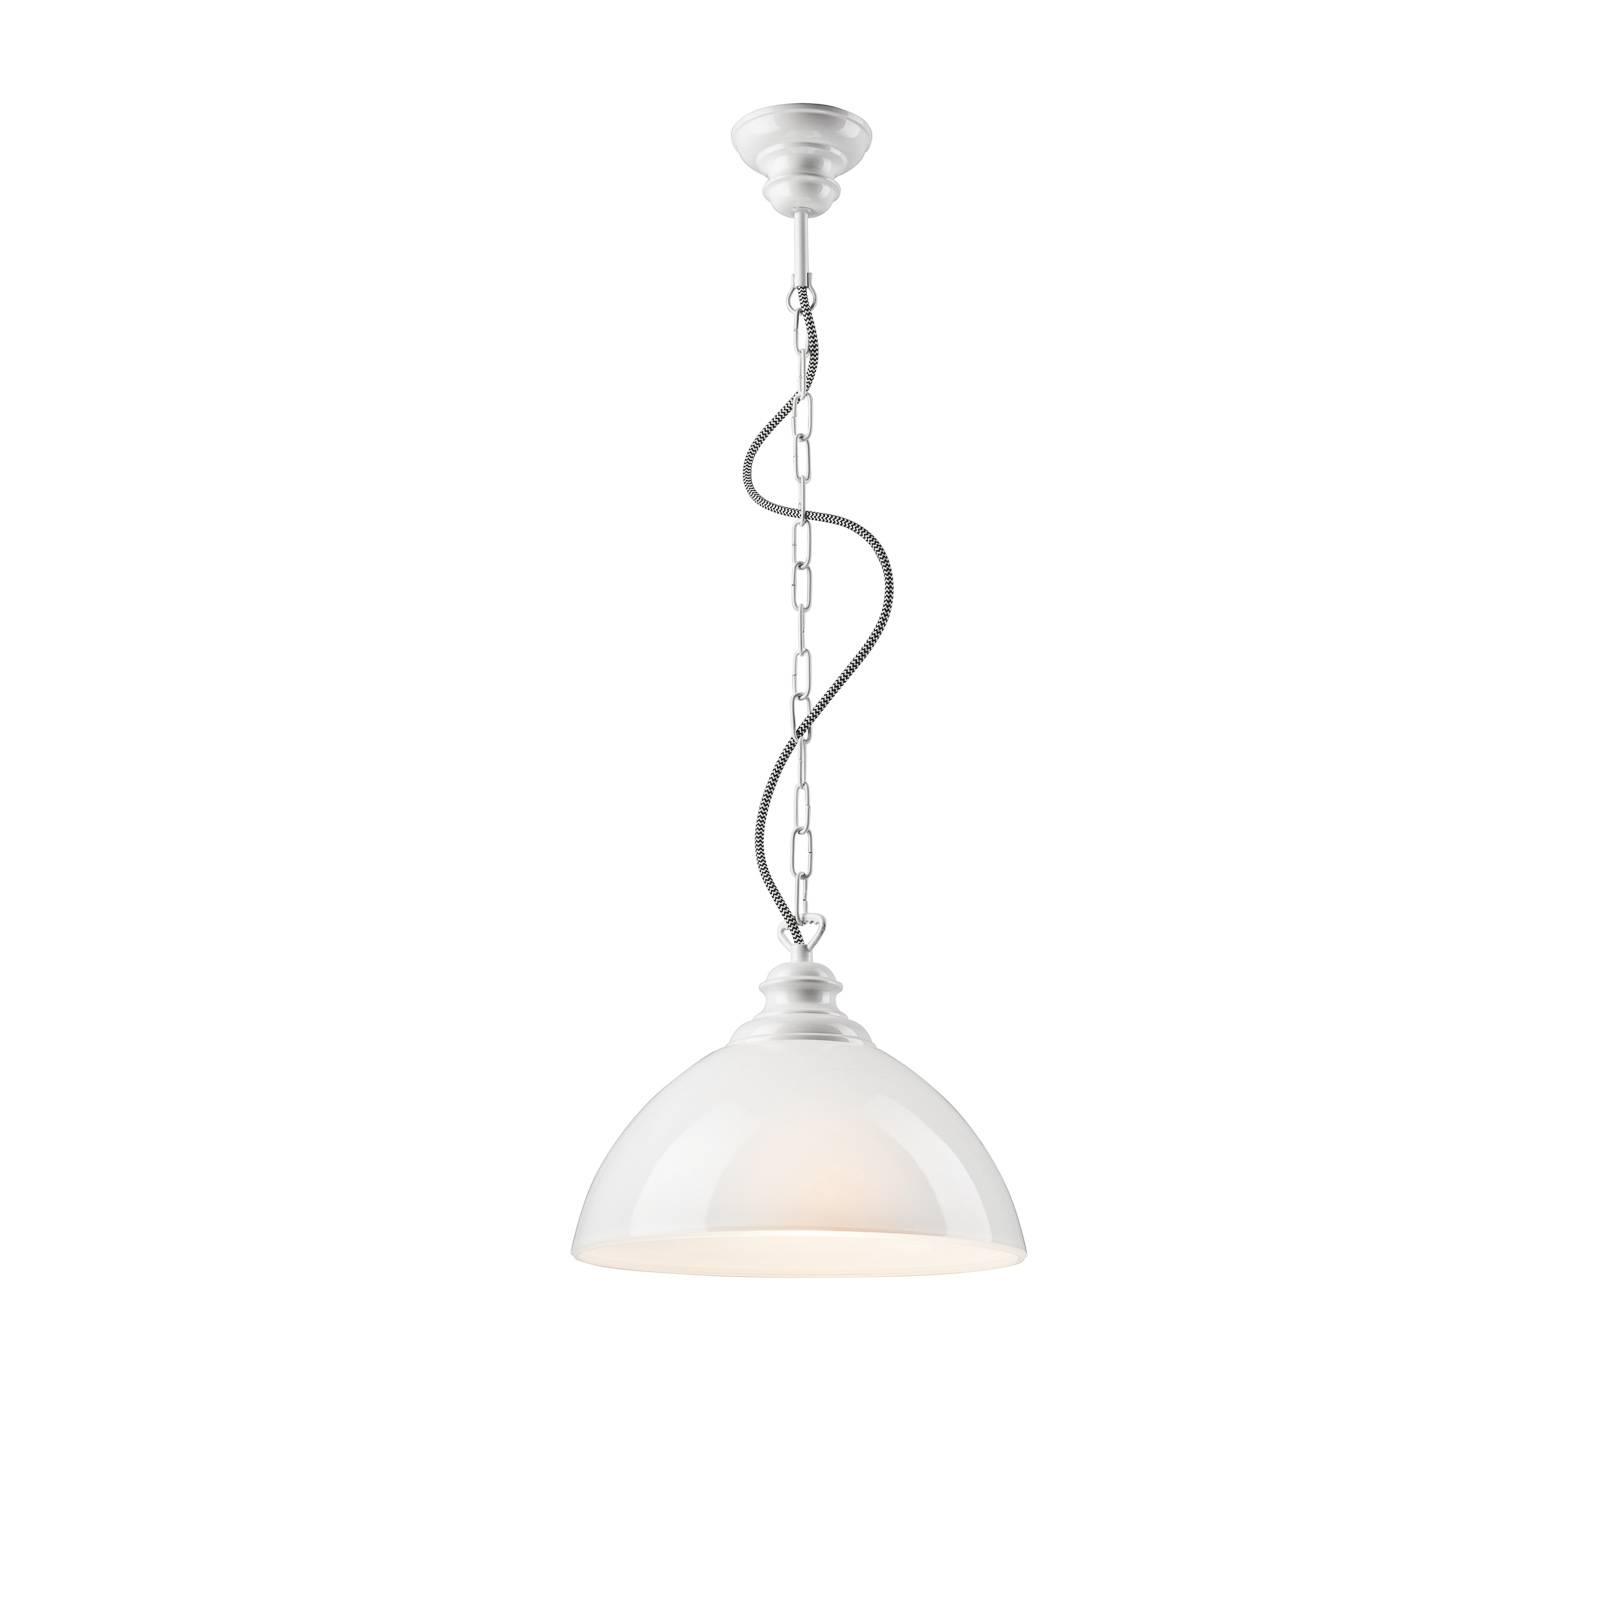 Hängelampe Vagen mit Glasschirm, weiß opal